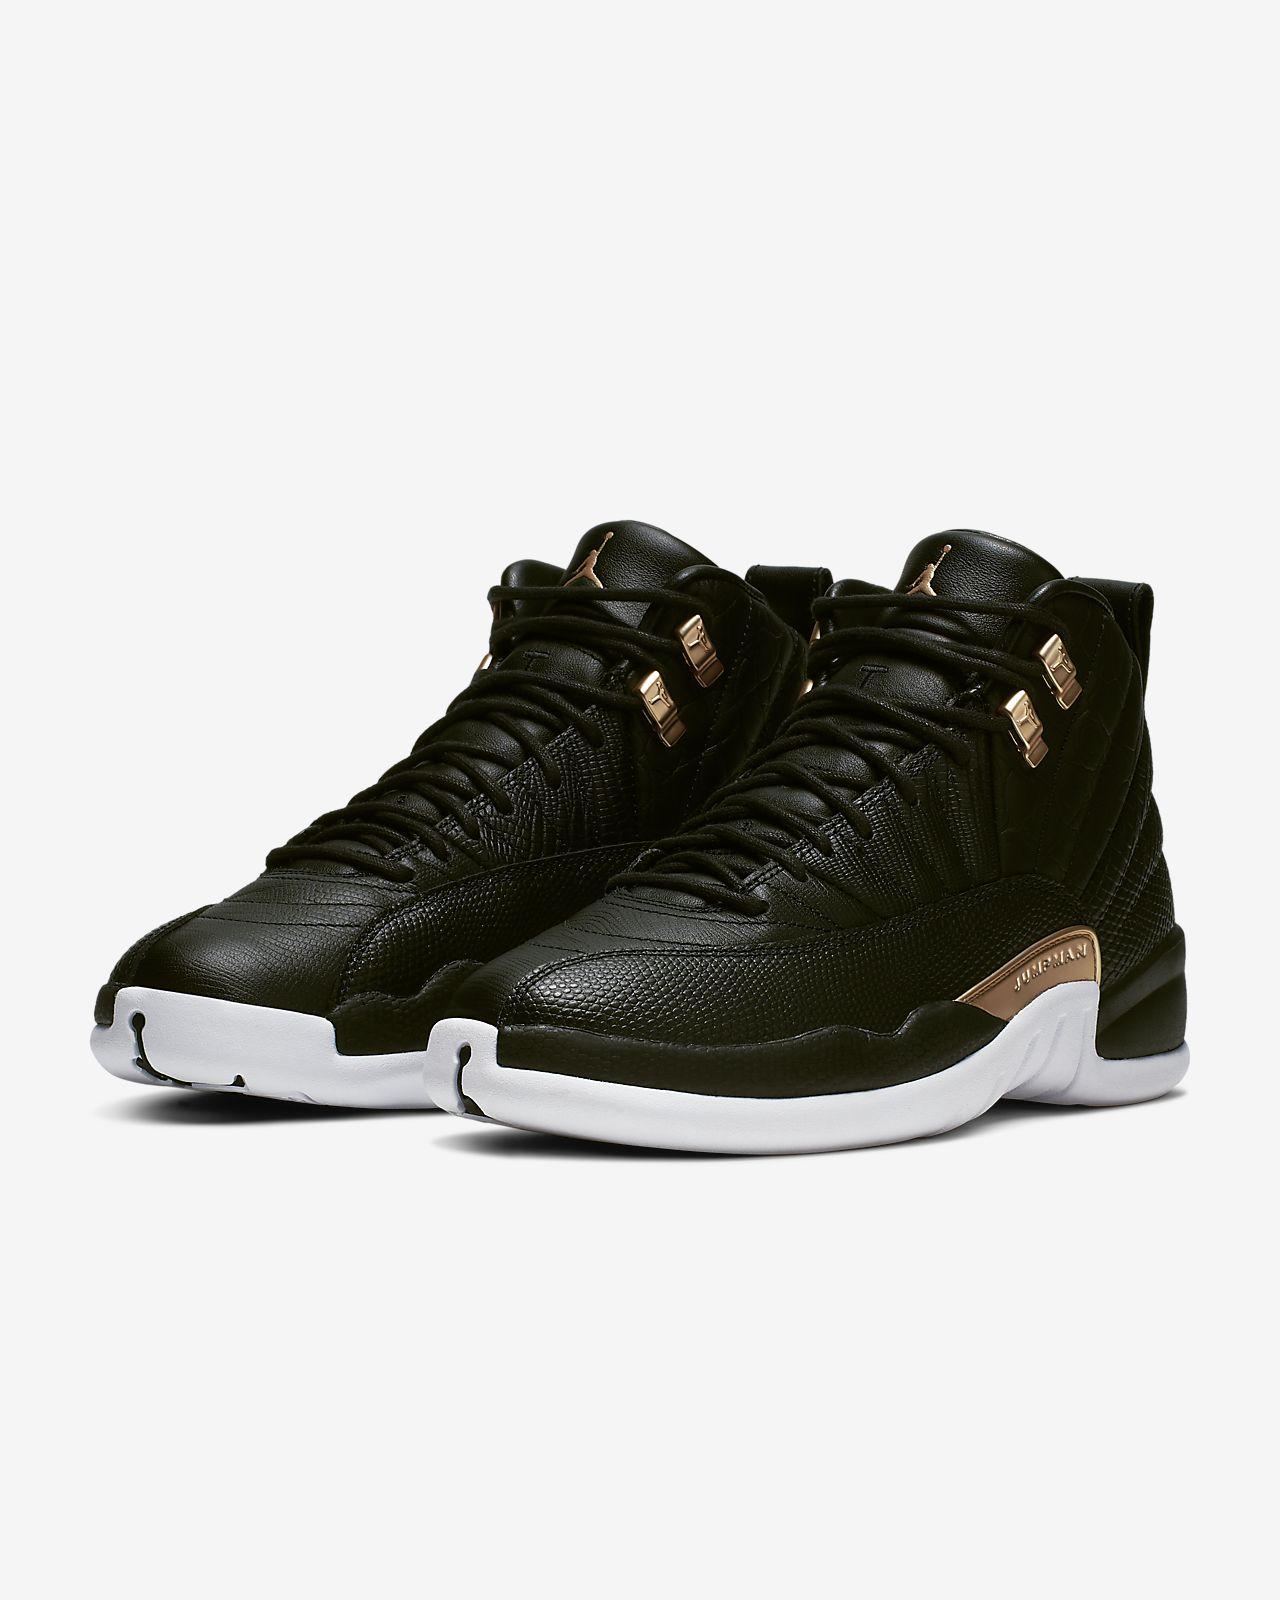 8210a1414 Chaussure Air Jordan 12 Retro pour Femme. Nike.com CA